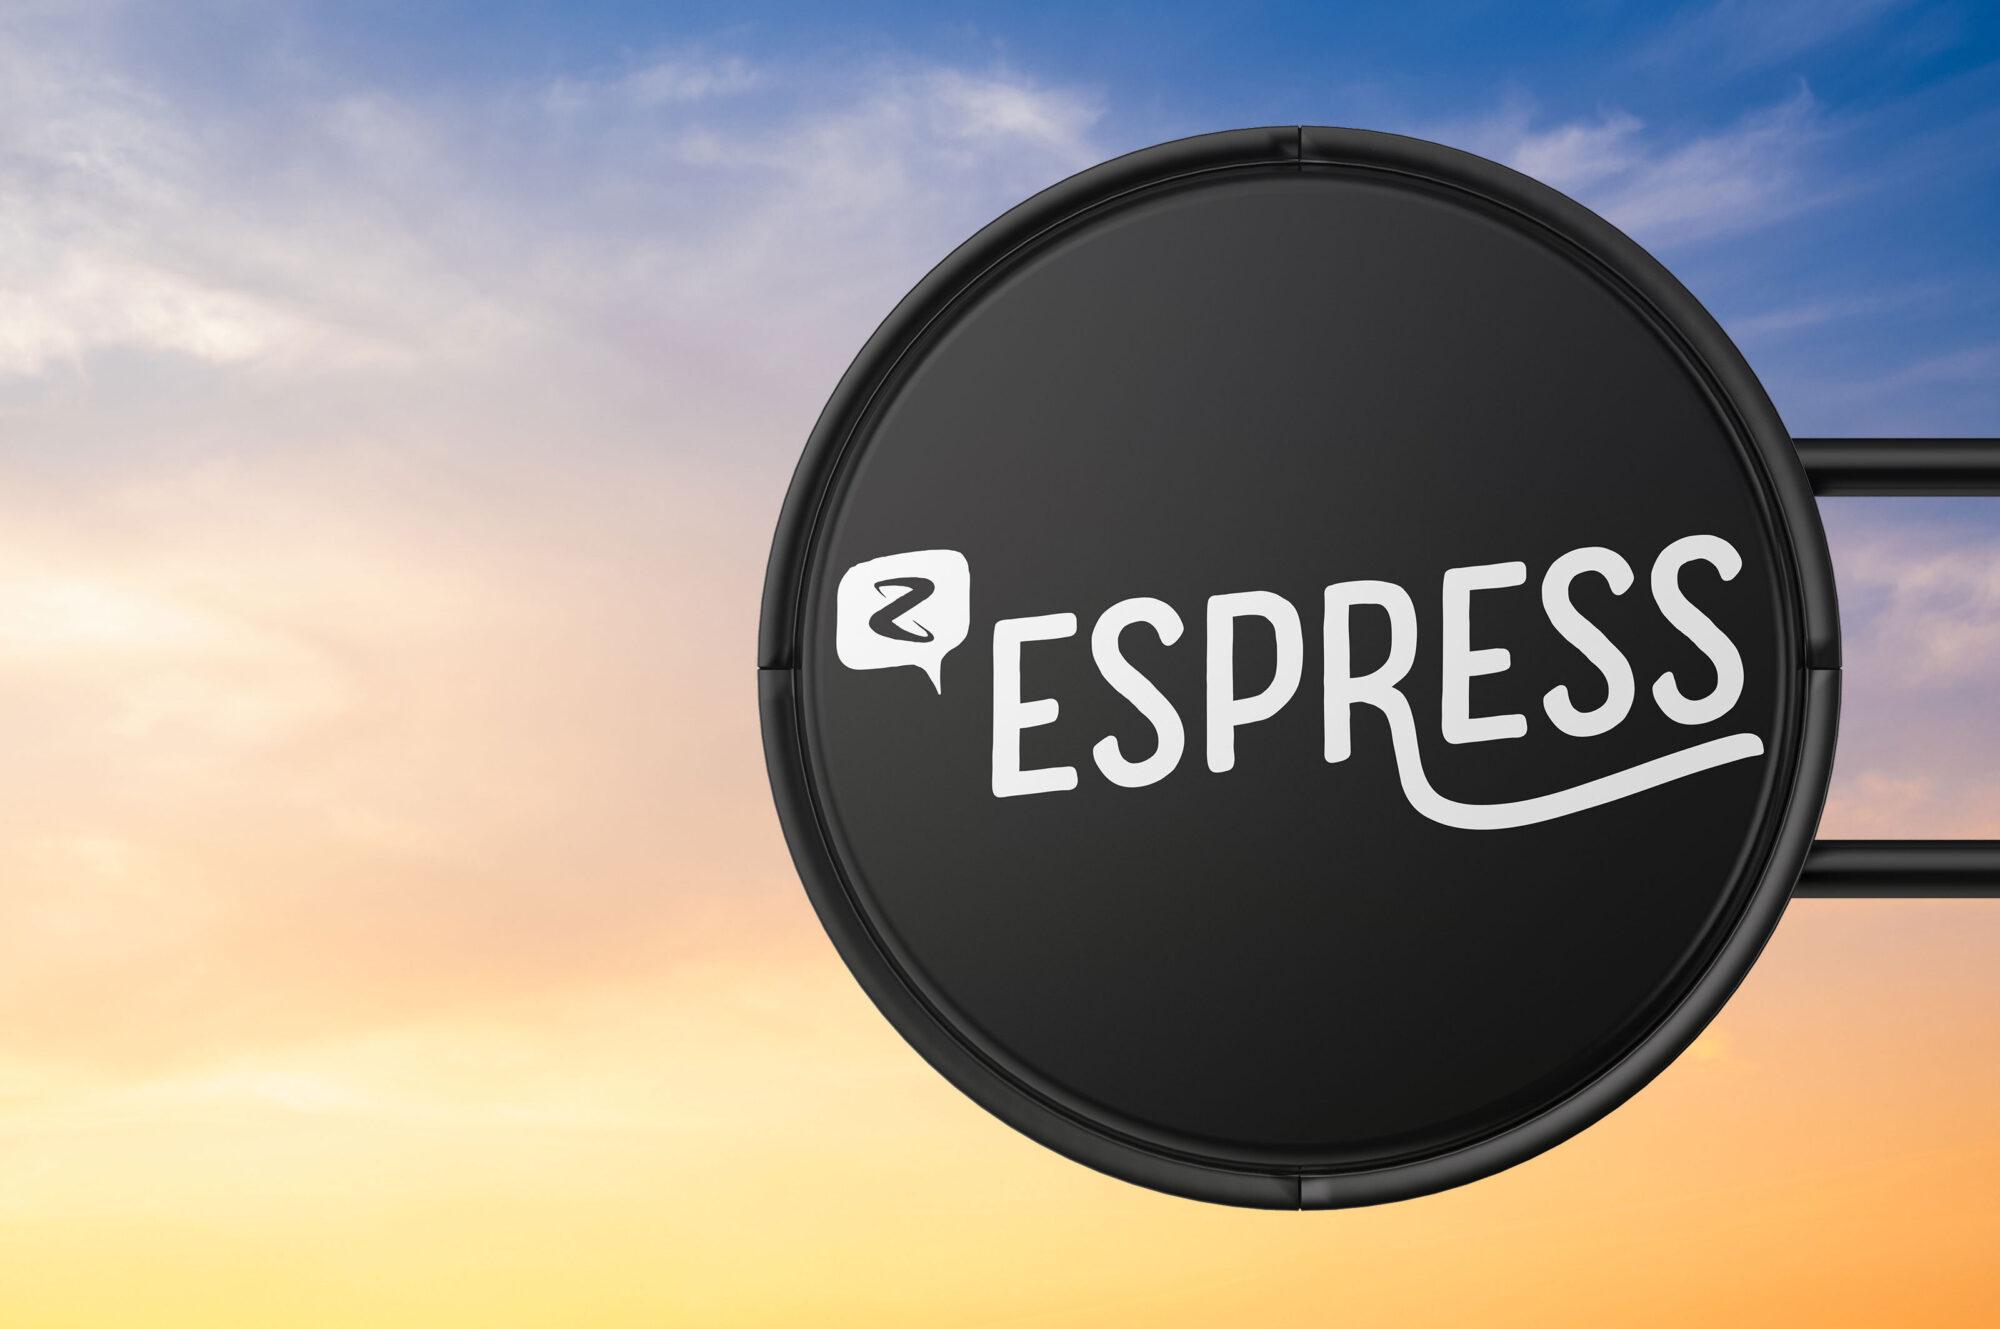 Z Energy Z Espress brand